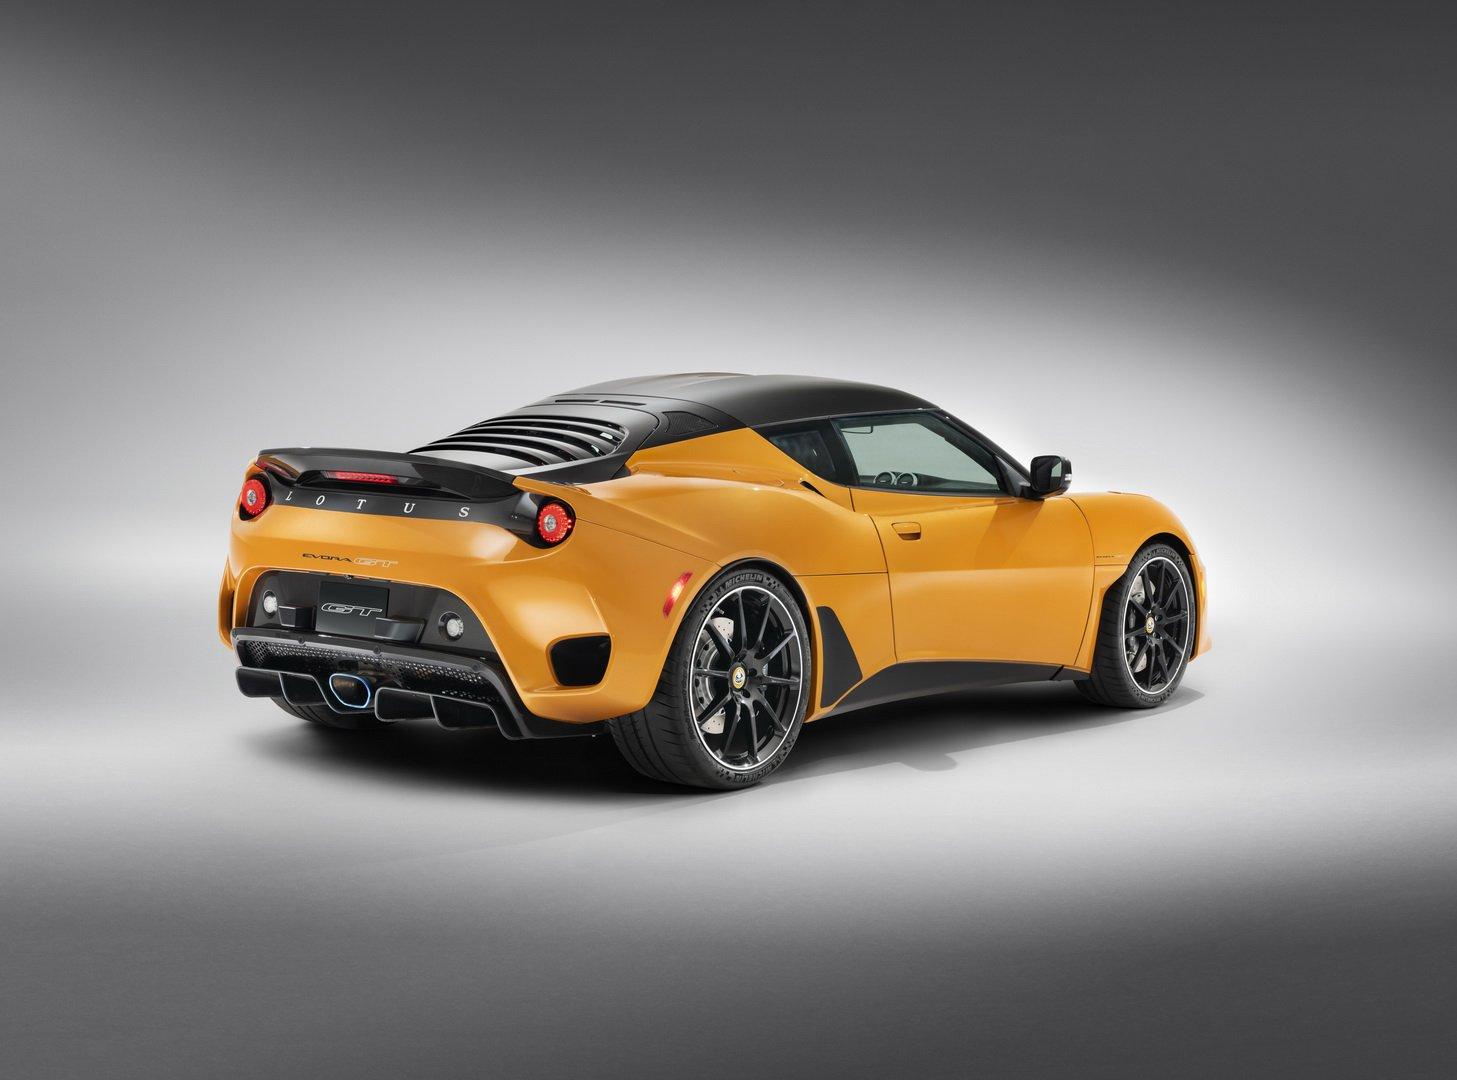 Lotus-Evora-GT-2020-2